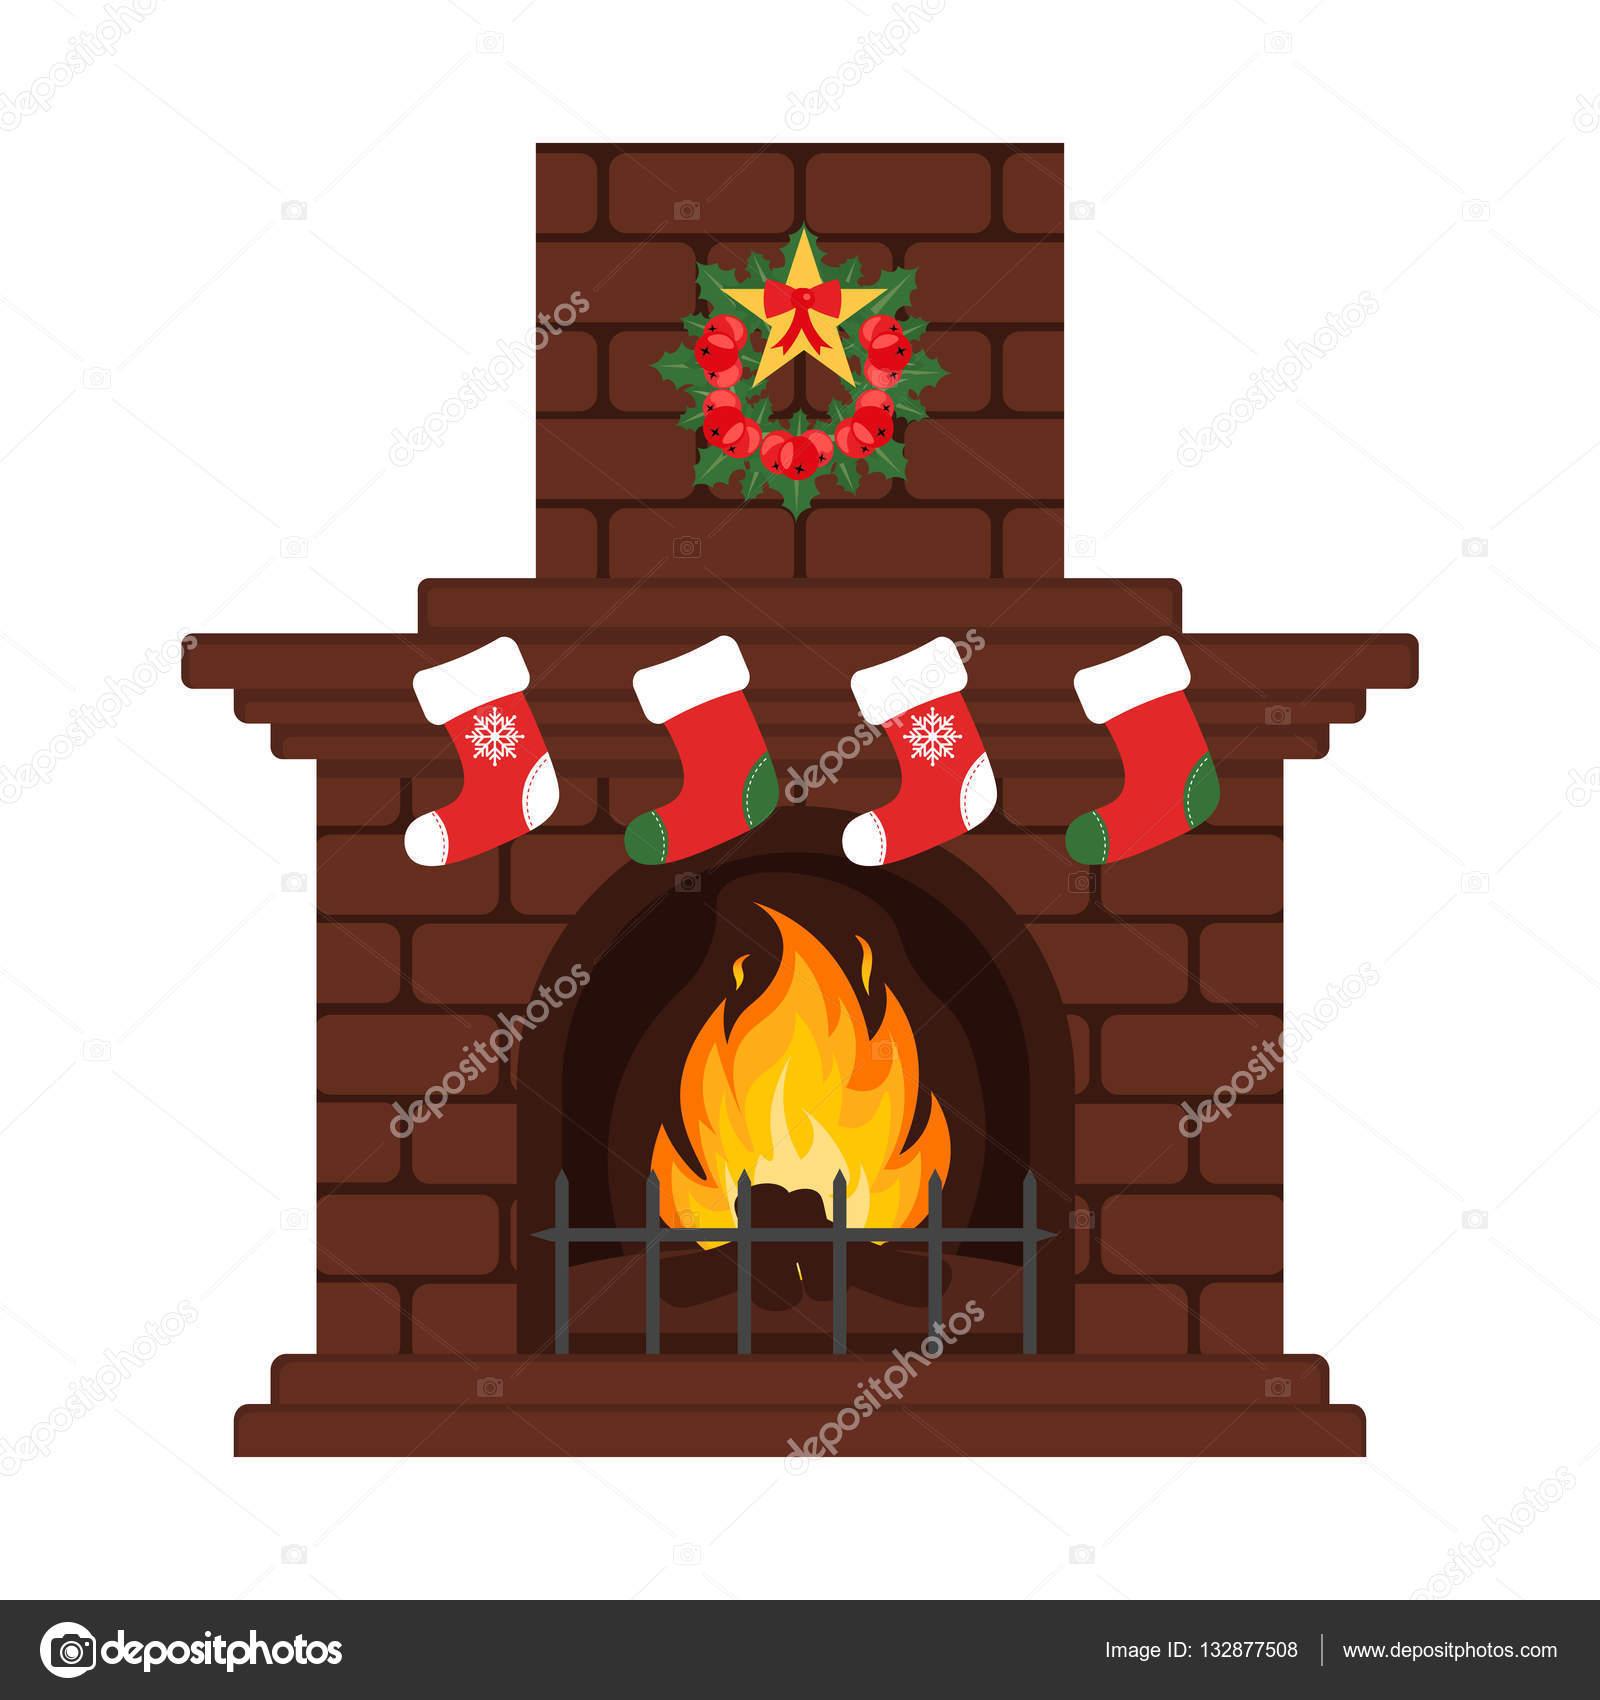 Dibujos Chimeneas De Navidad.Dibujos Chimeneas Navidad Chimenea De Navidad De Estilo